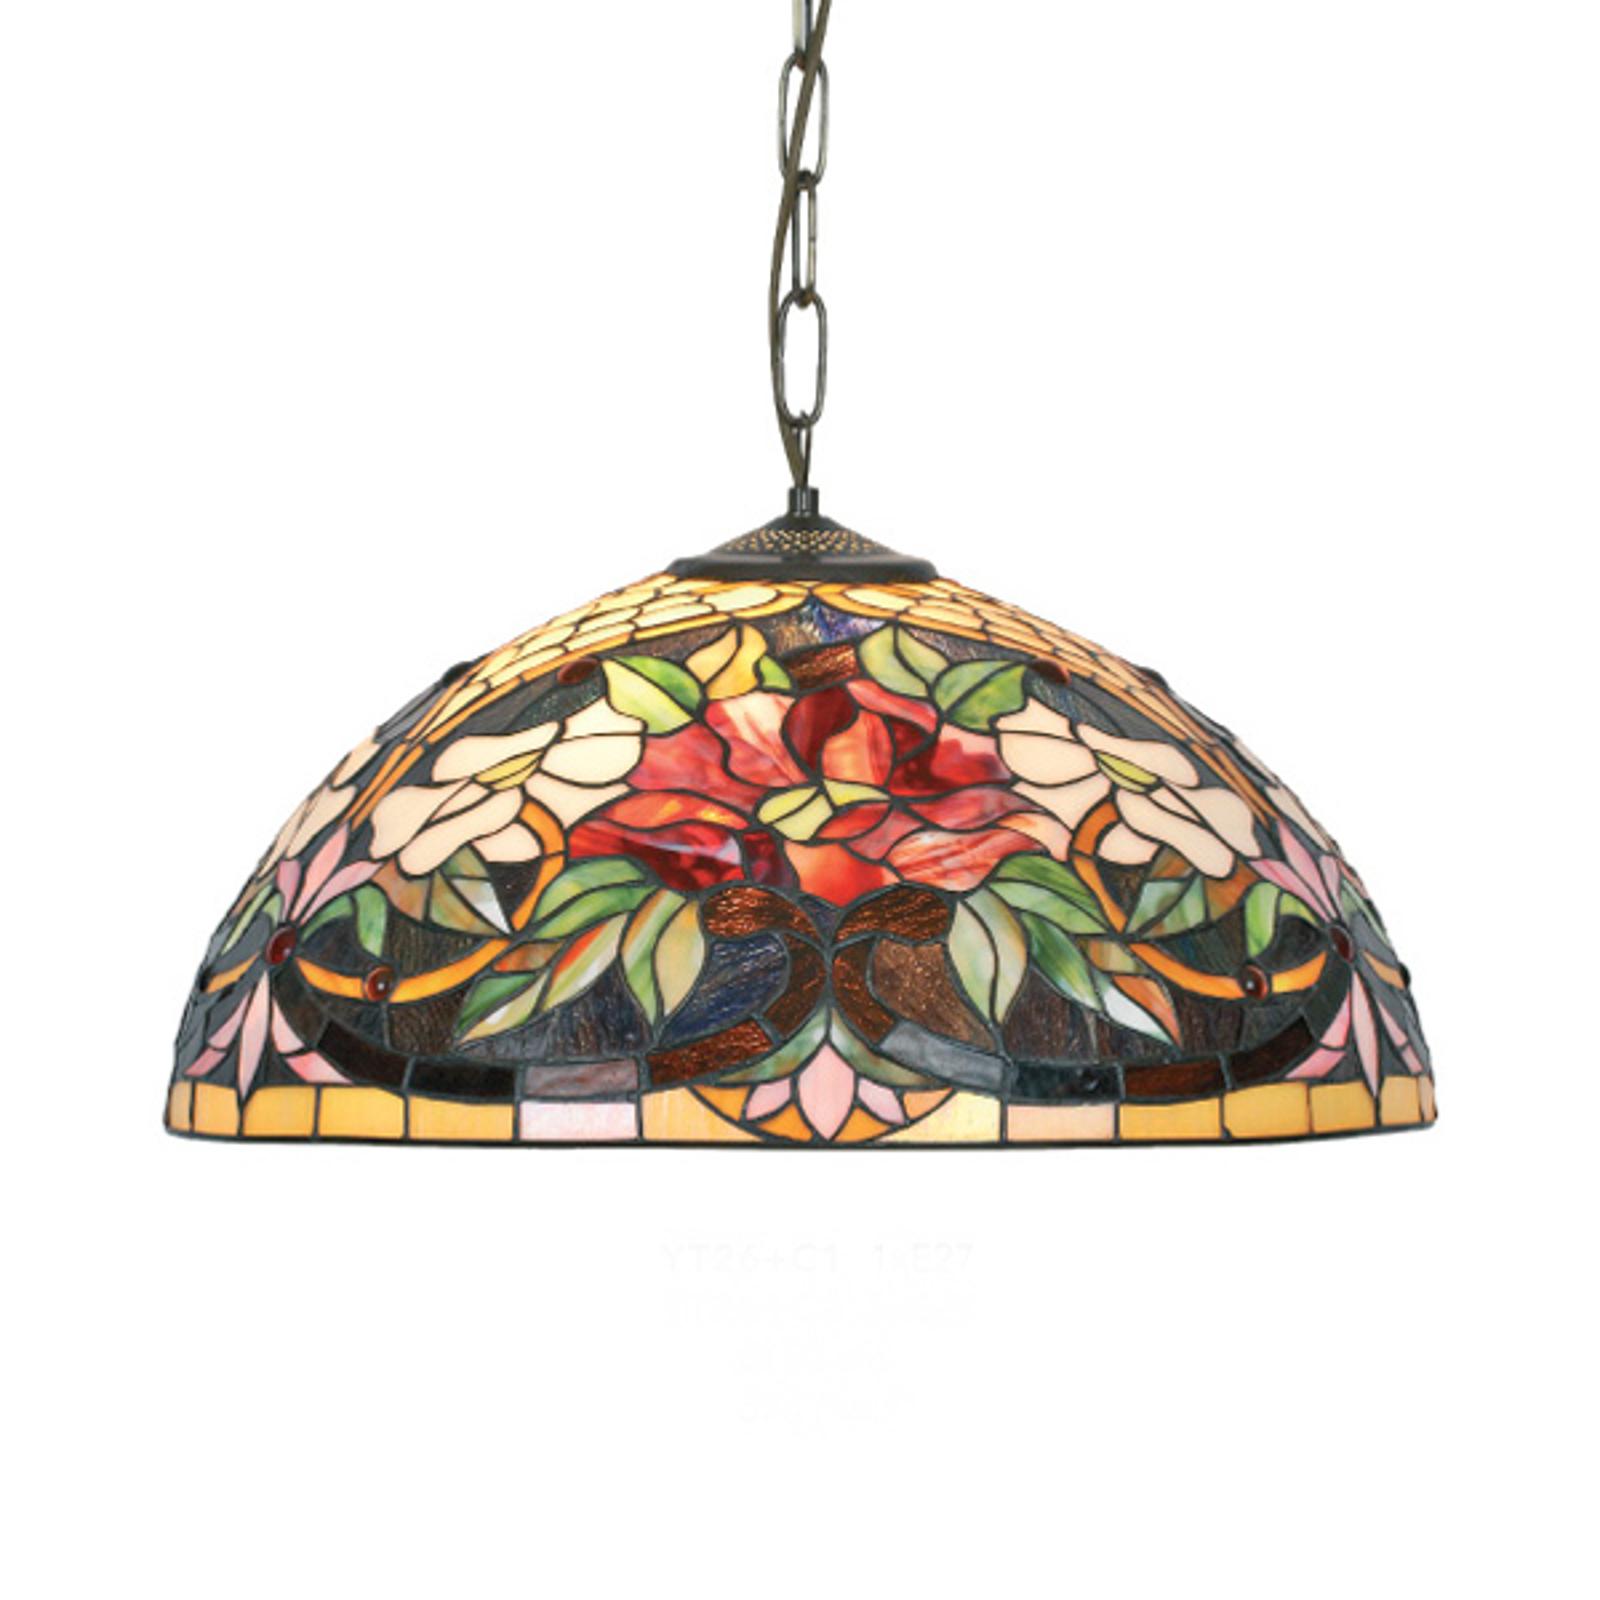 Lampa wisząca Ariadne w stylu Tiffany, 2-punktowa